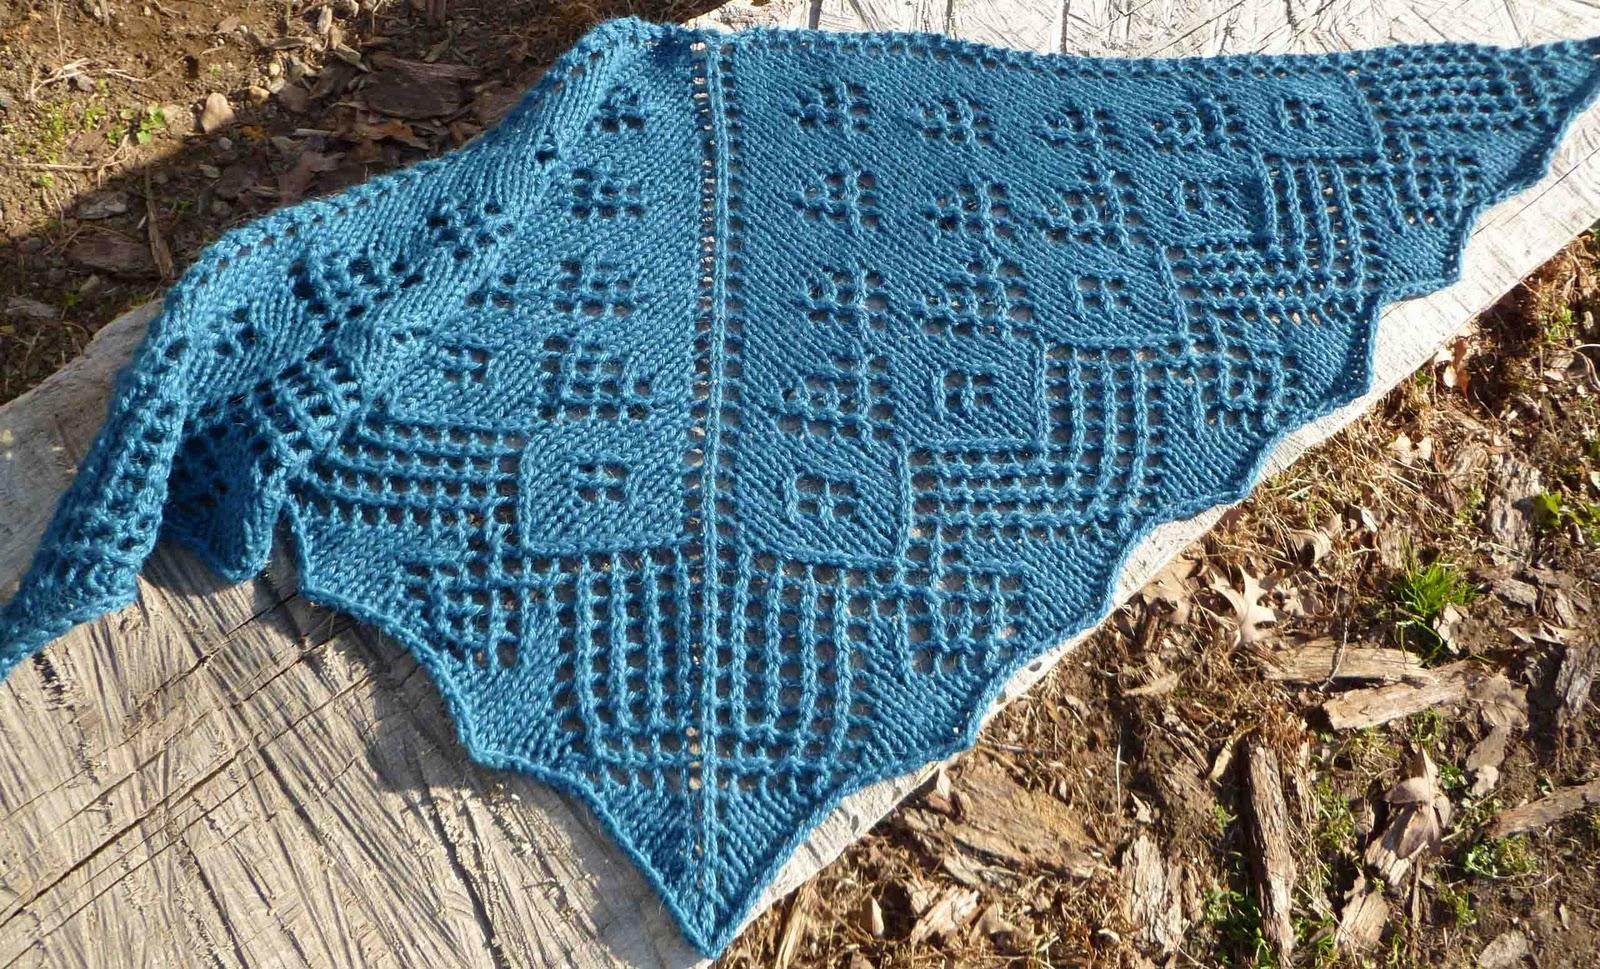 Ginkgo Leaf Knitting Pattern : HaciMade Knits: Ginkgo Leaf Shawlette